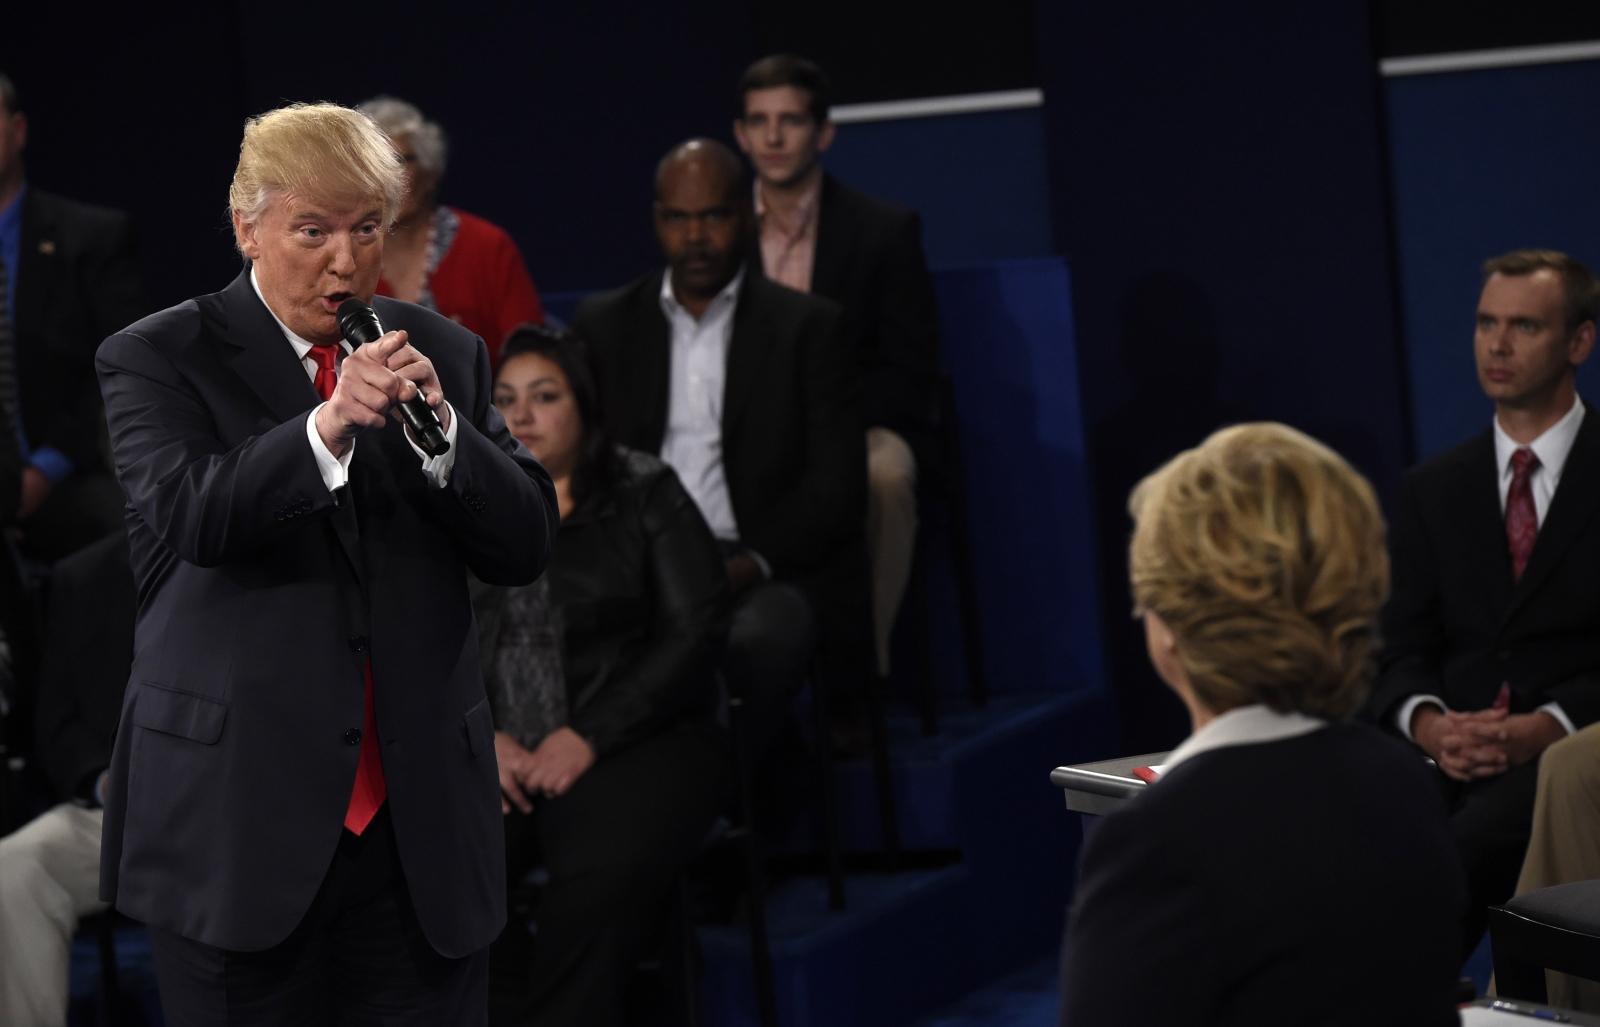 Second US presidential debate